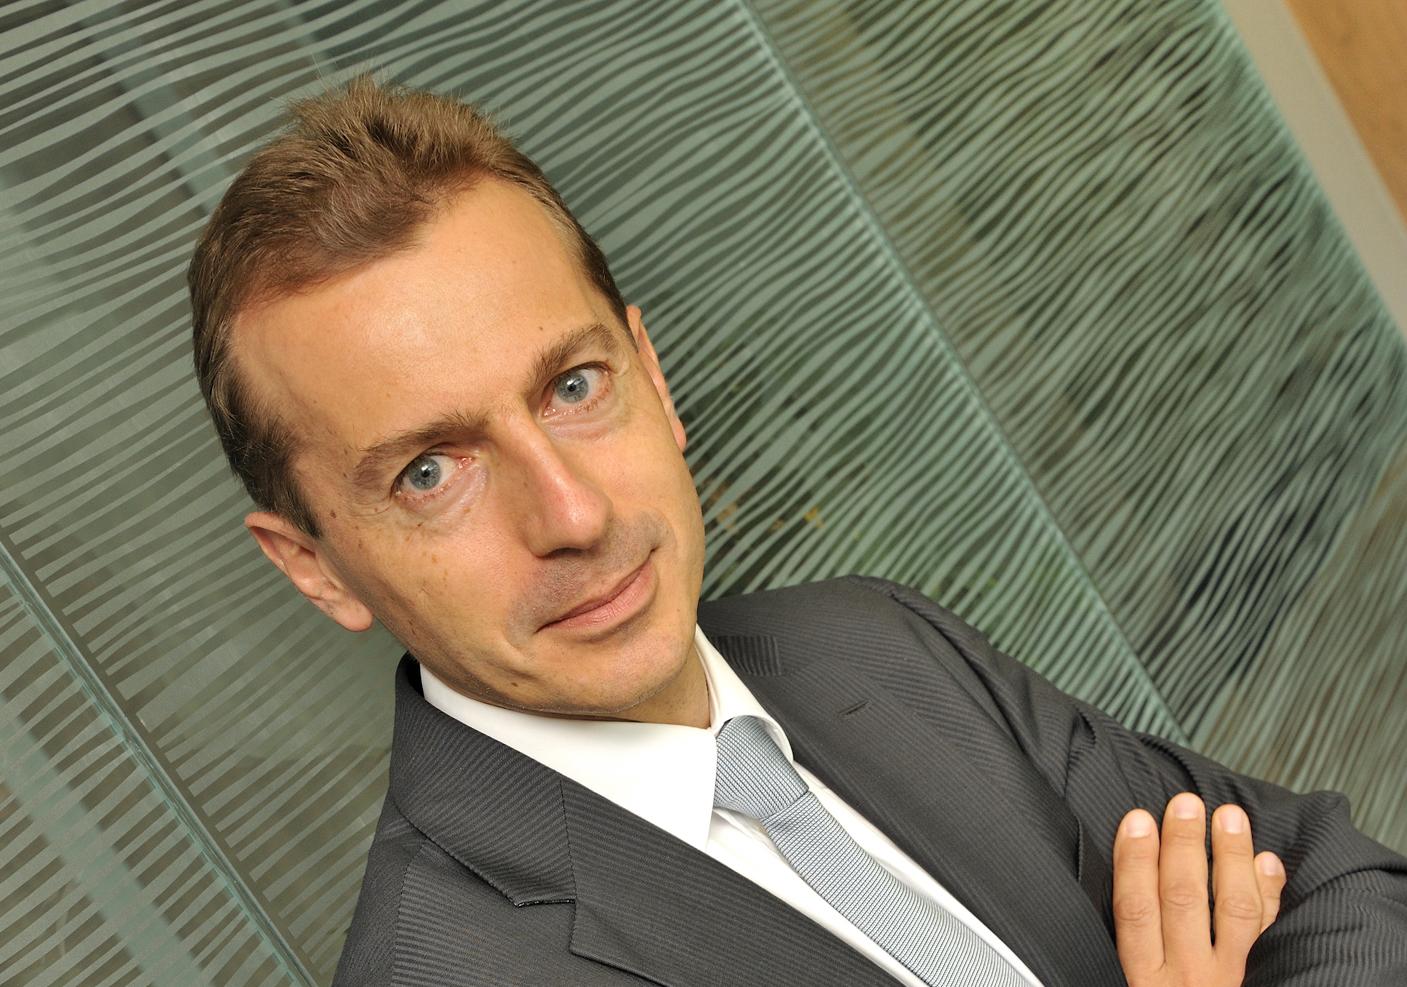 PSA Peugeot Citroën, à la pointe de l'innovation